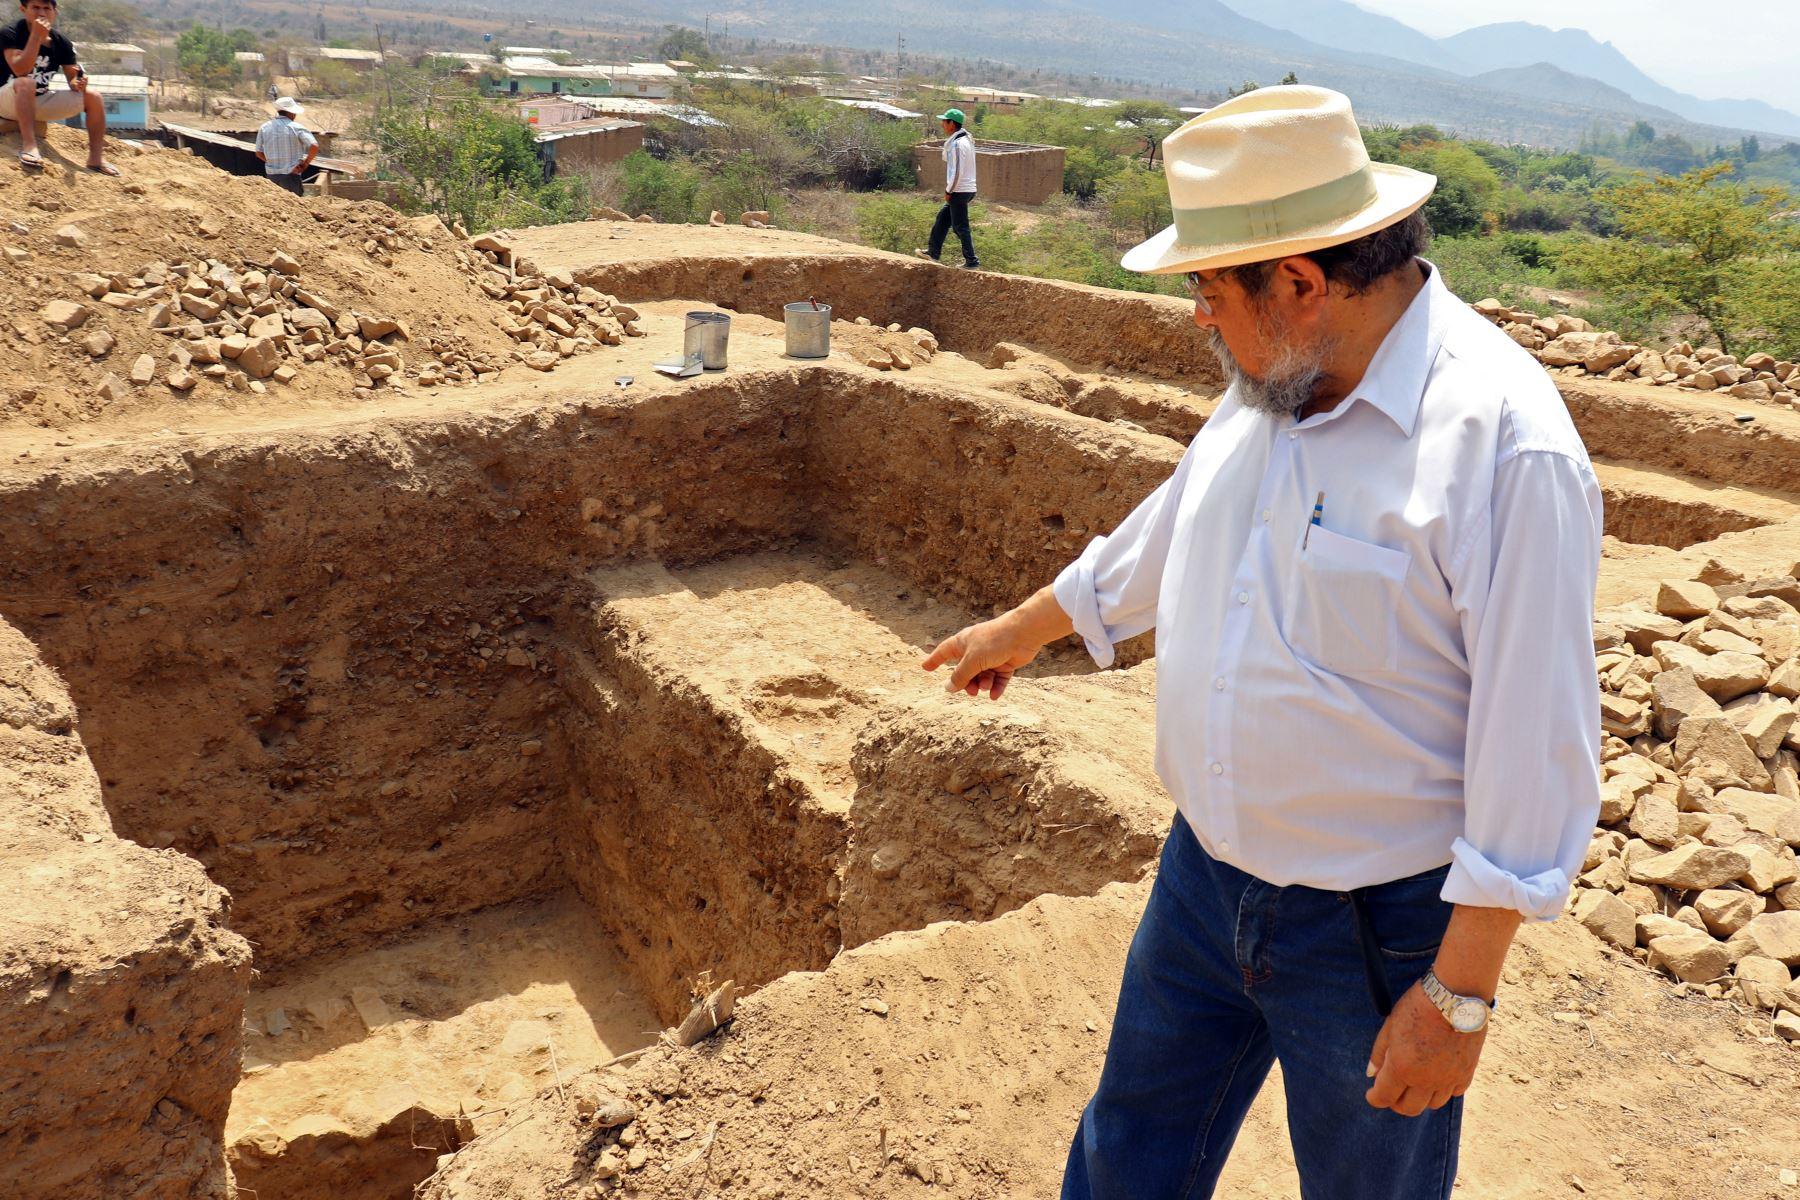 Arqueólogo peruano Walter Alva señalando excavaciones en el sitio de El Toro, donde se desenterraron restos de un templo megalítico de 3.000 años de antigüedad, en Oyotun, provincia de Chiclayo, departamento de Labayeque, Perú. El templo supuestamente se utilizó para organizar rituales paganos de culto al agua en el antiguo Perú. Foto: AFP